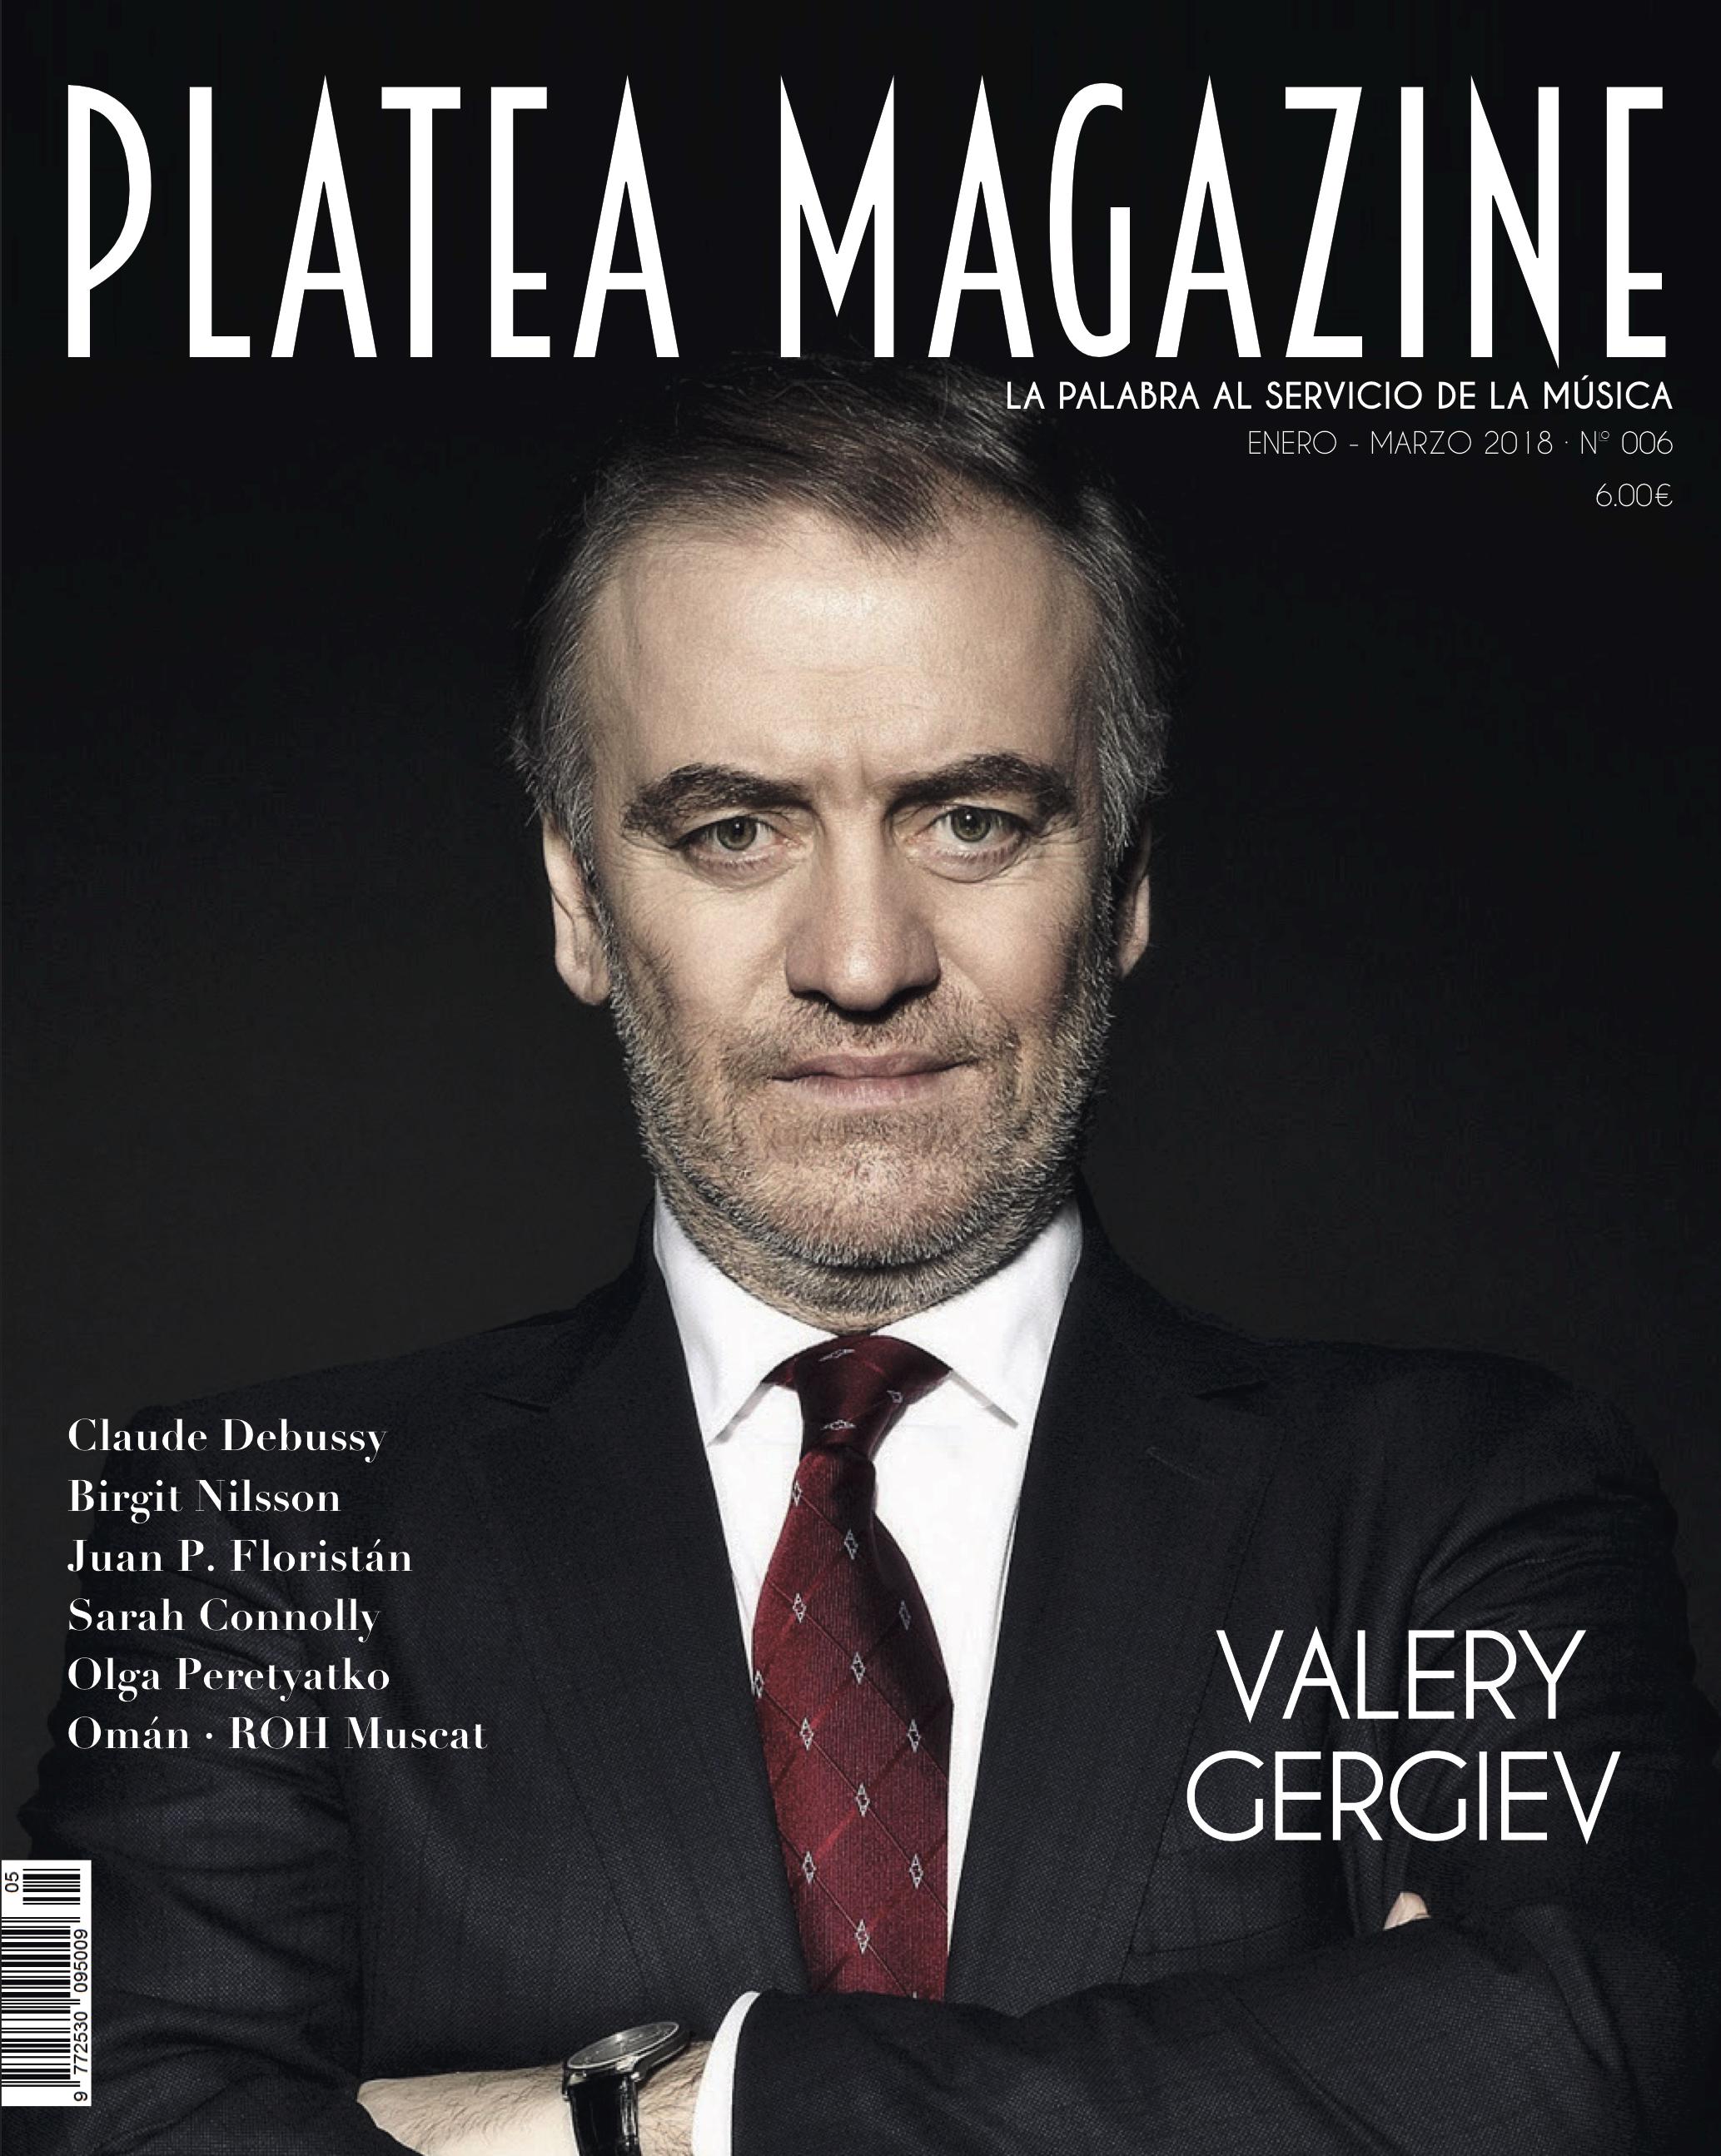 Número 006 | Valery Gergiev